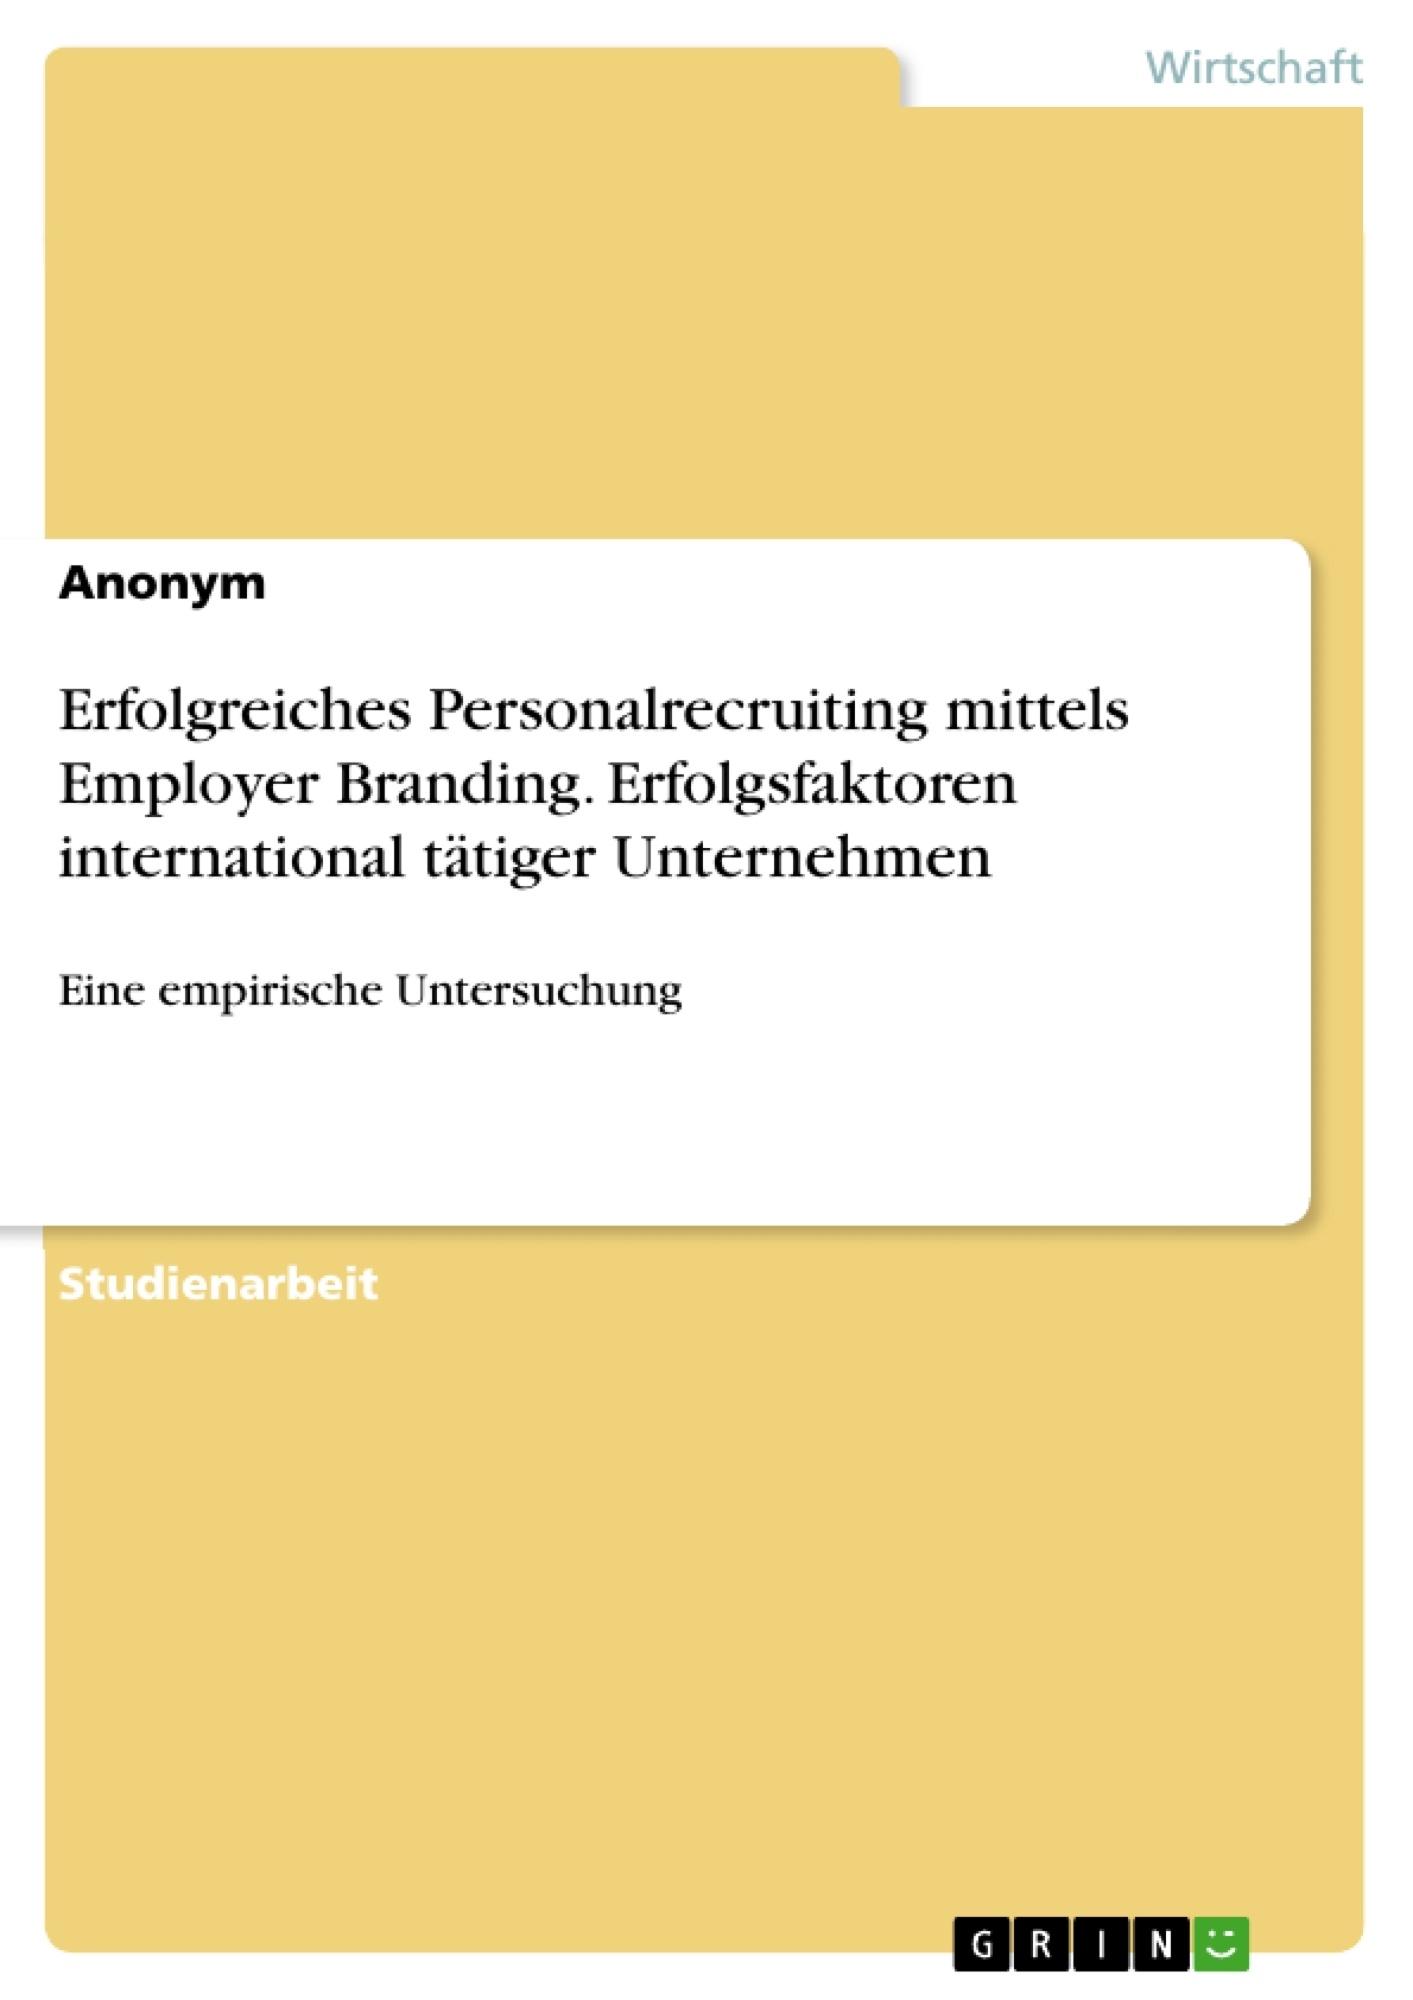 Titel: Erfolgreiches Personalrecruiting mittels Employer Branding. Erfolgsfaktoren international tätiger Unternehmen